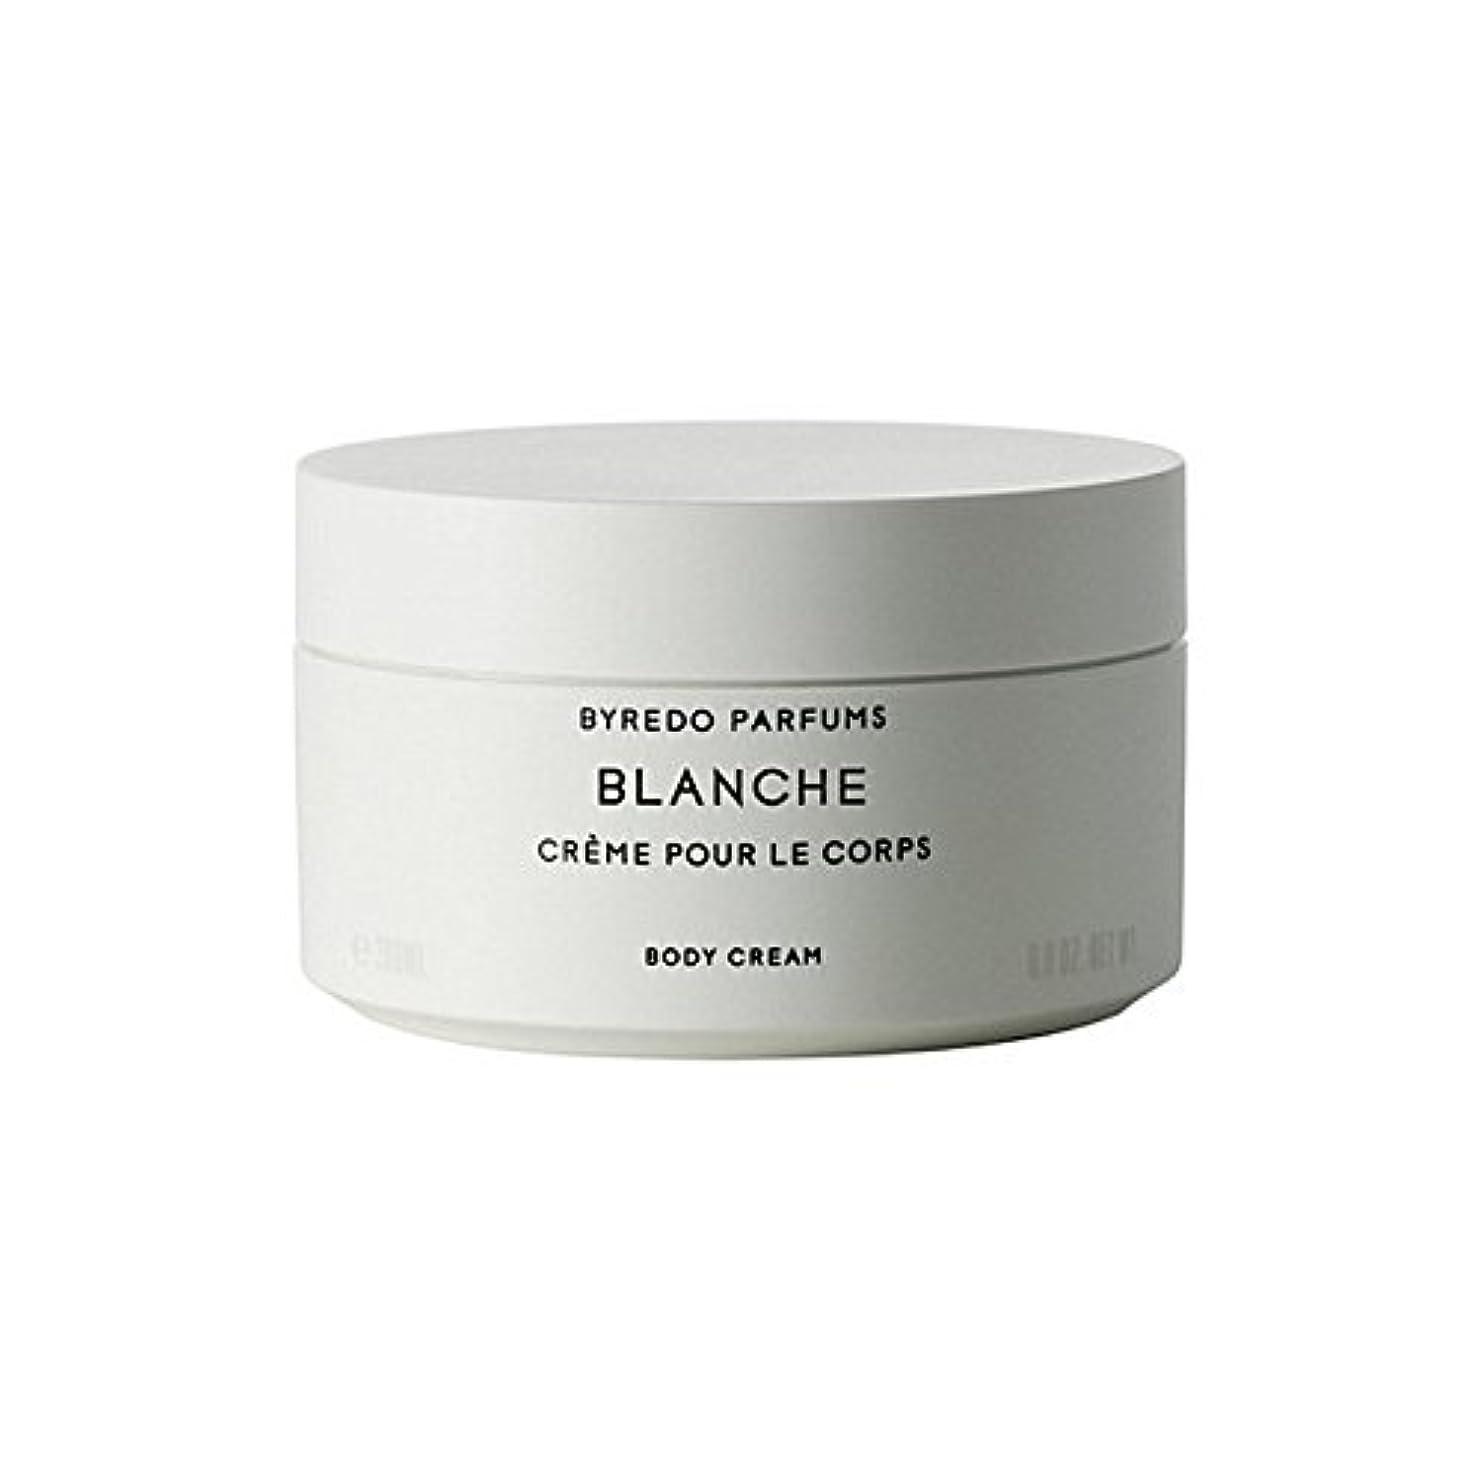 光十分な徒歩でブランシュボディクリーム200ミリリットル x4 - Byredo Blanche Body Cream 200ml (Pack of 4) [並行輸入品]